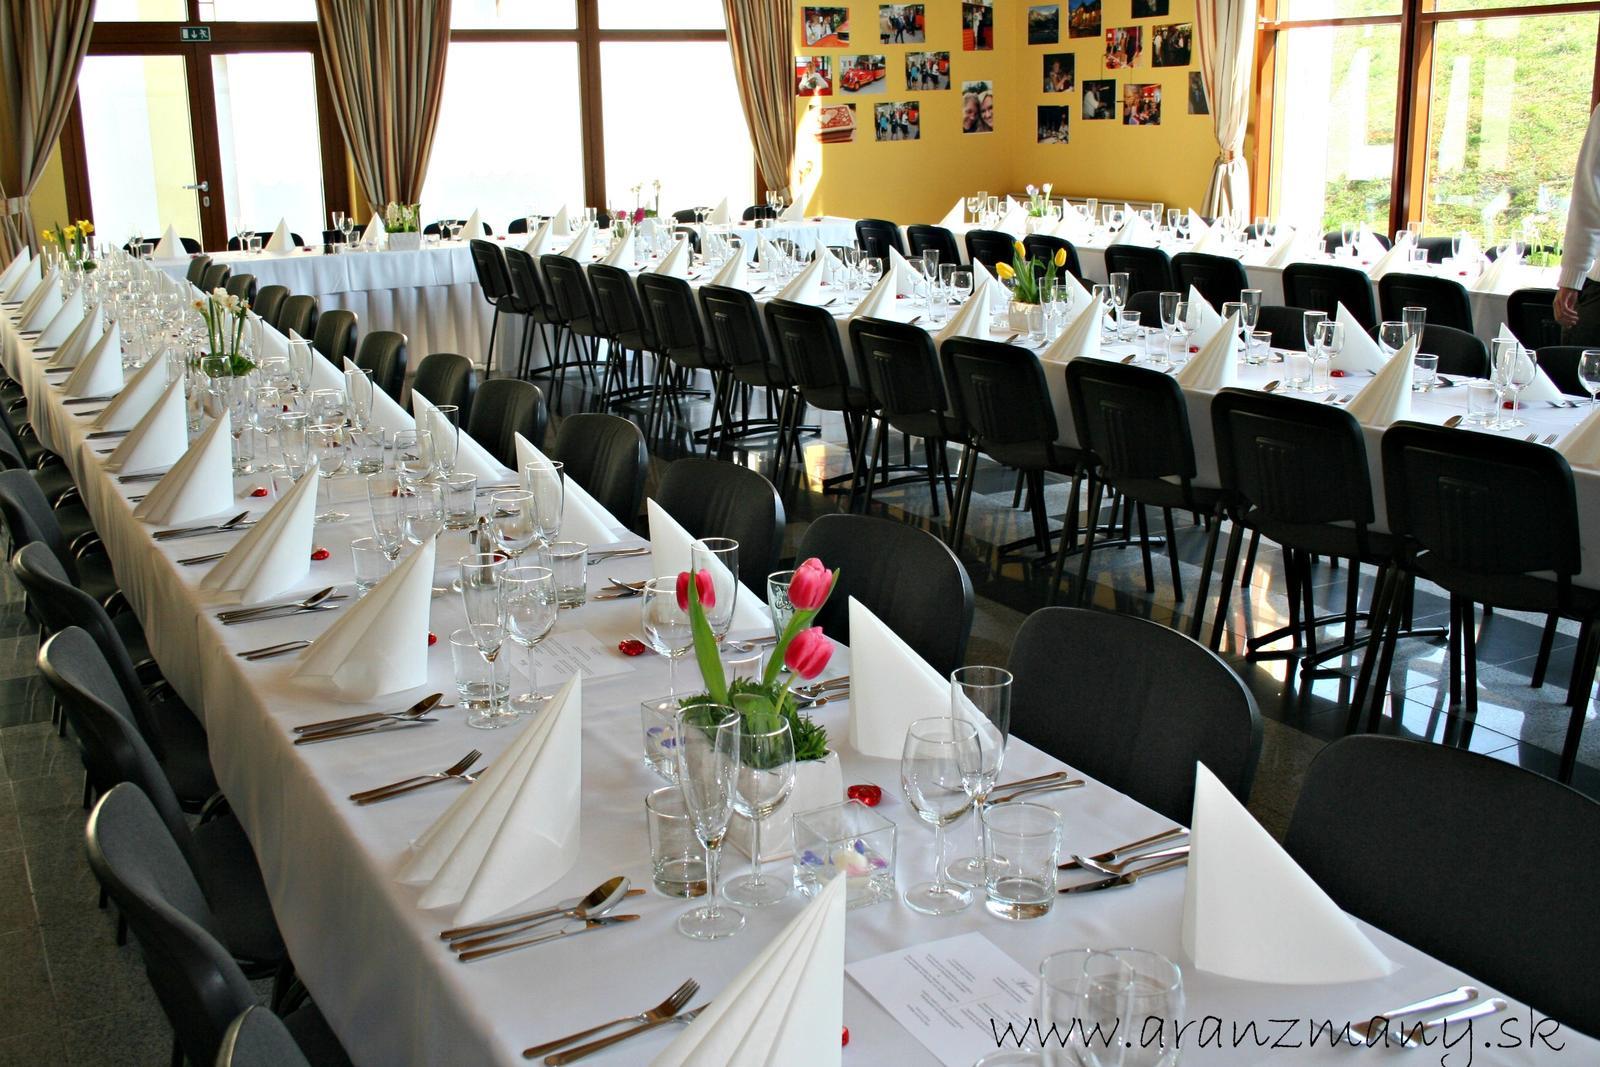 Jarná svadba-Hotel Hradná Brána - Obrázok č. 5